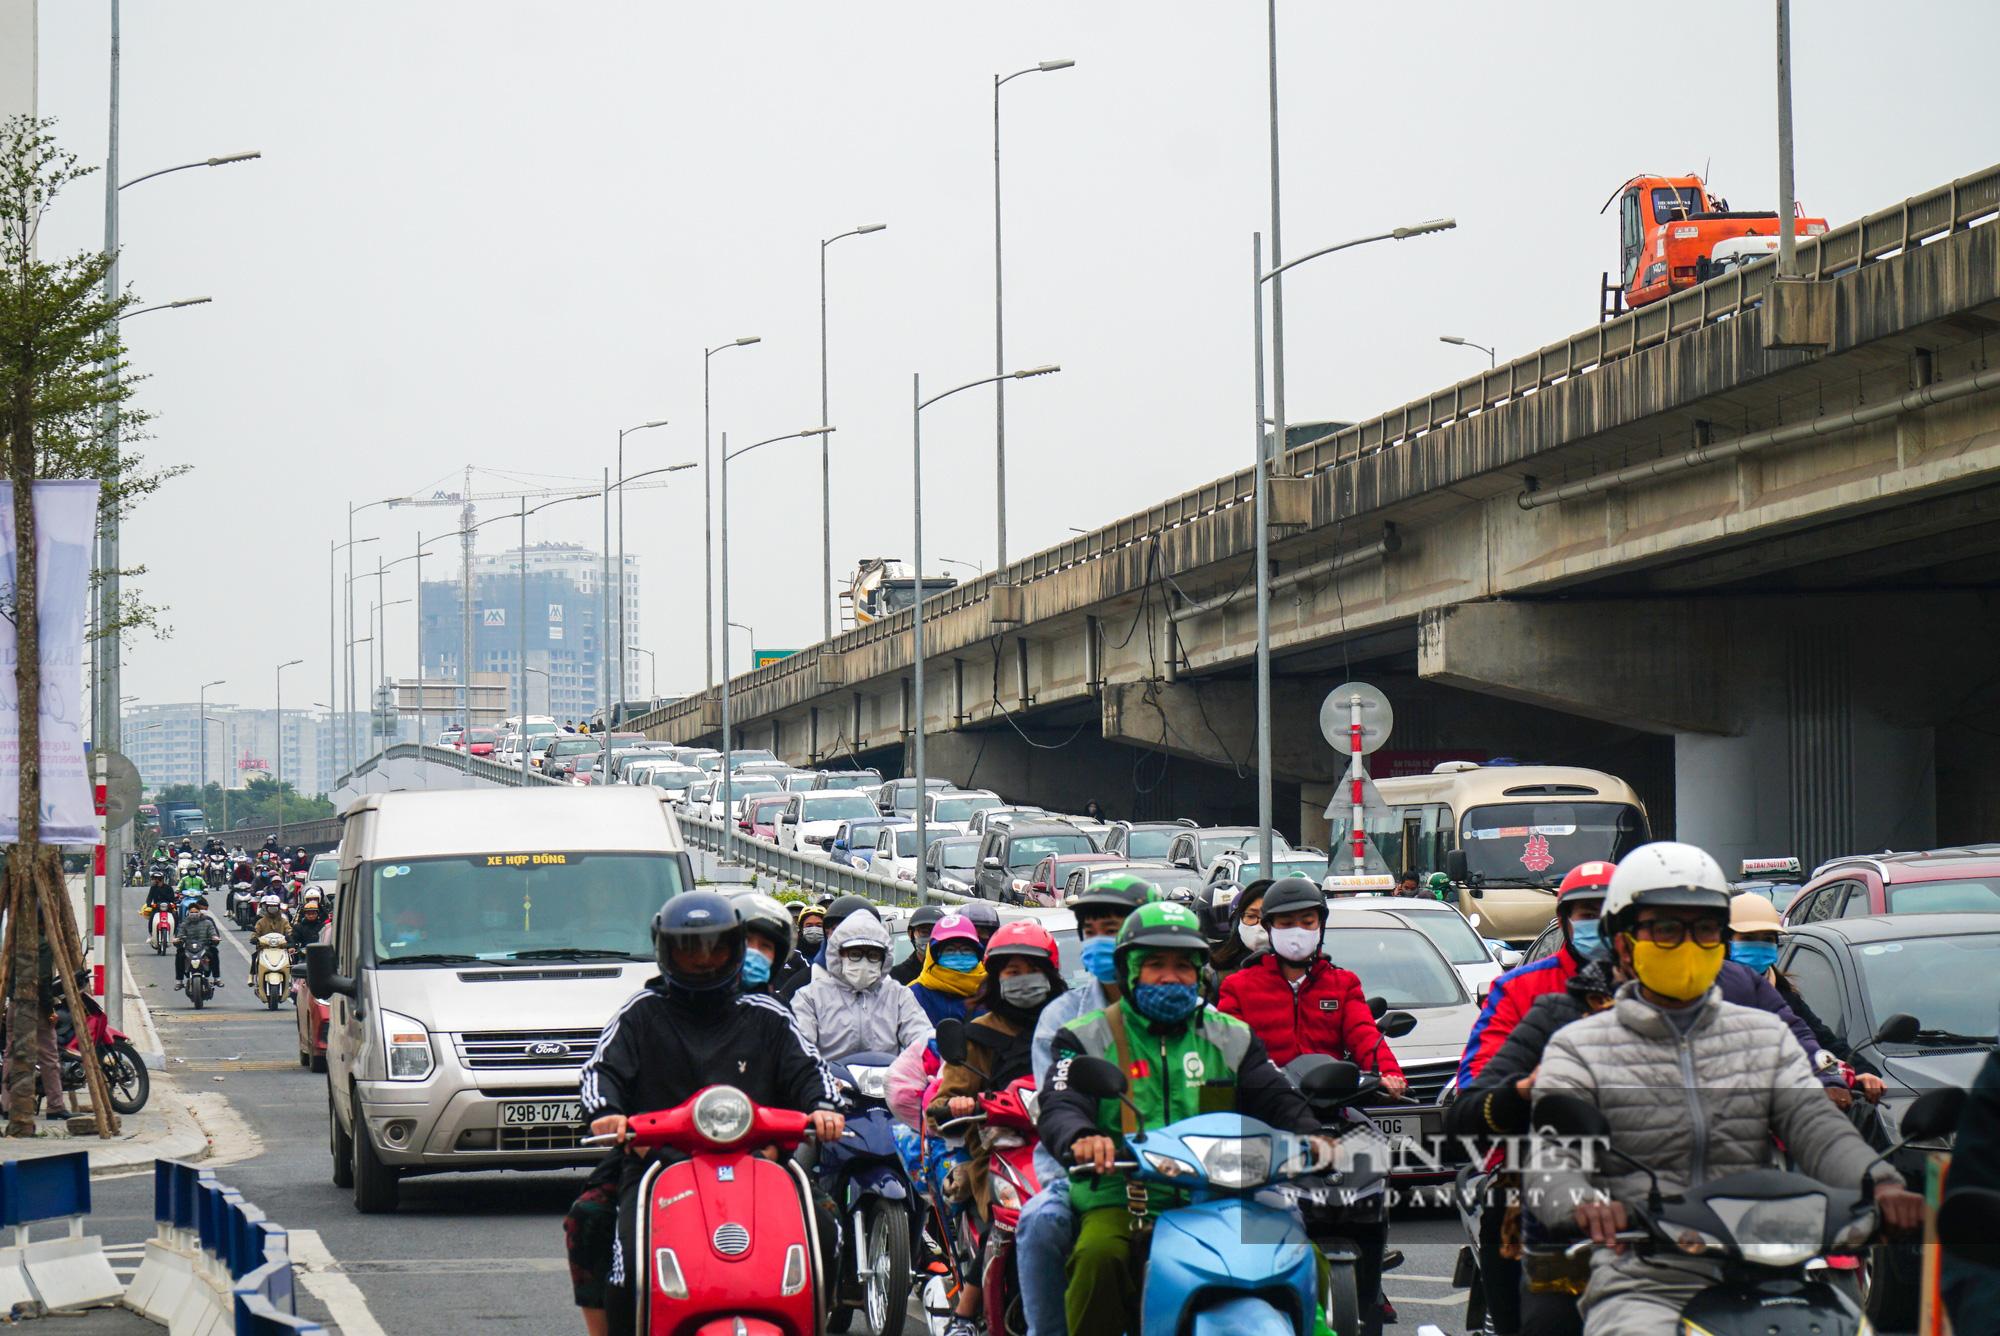 Cửa ngõ Thủ đô ùn tắc gần chục cây số sau khi kết thúc kỳ nghỉ Tết Dương lịch - Ảnh 11.